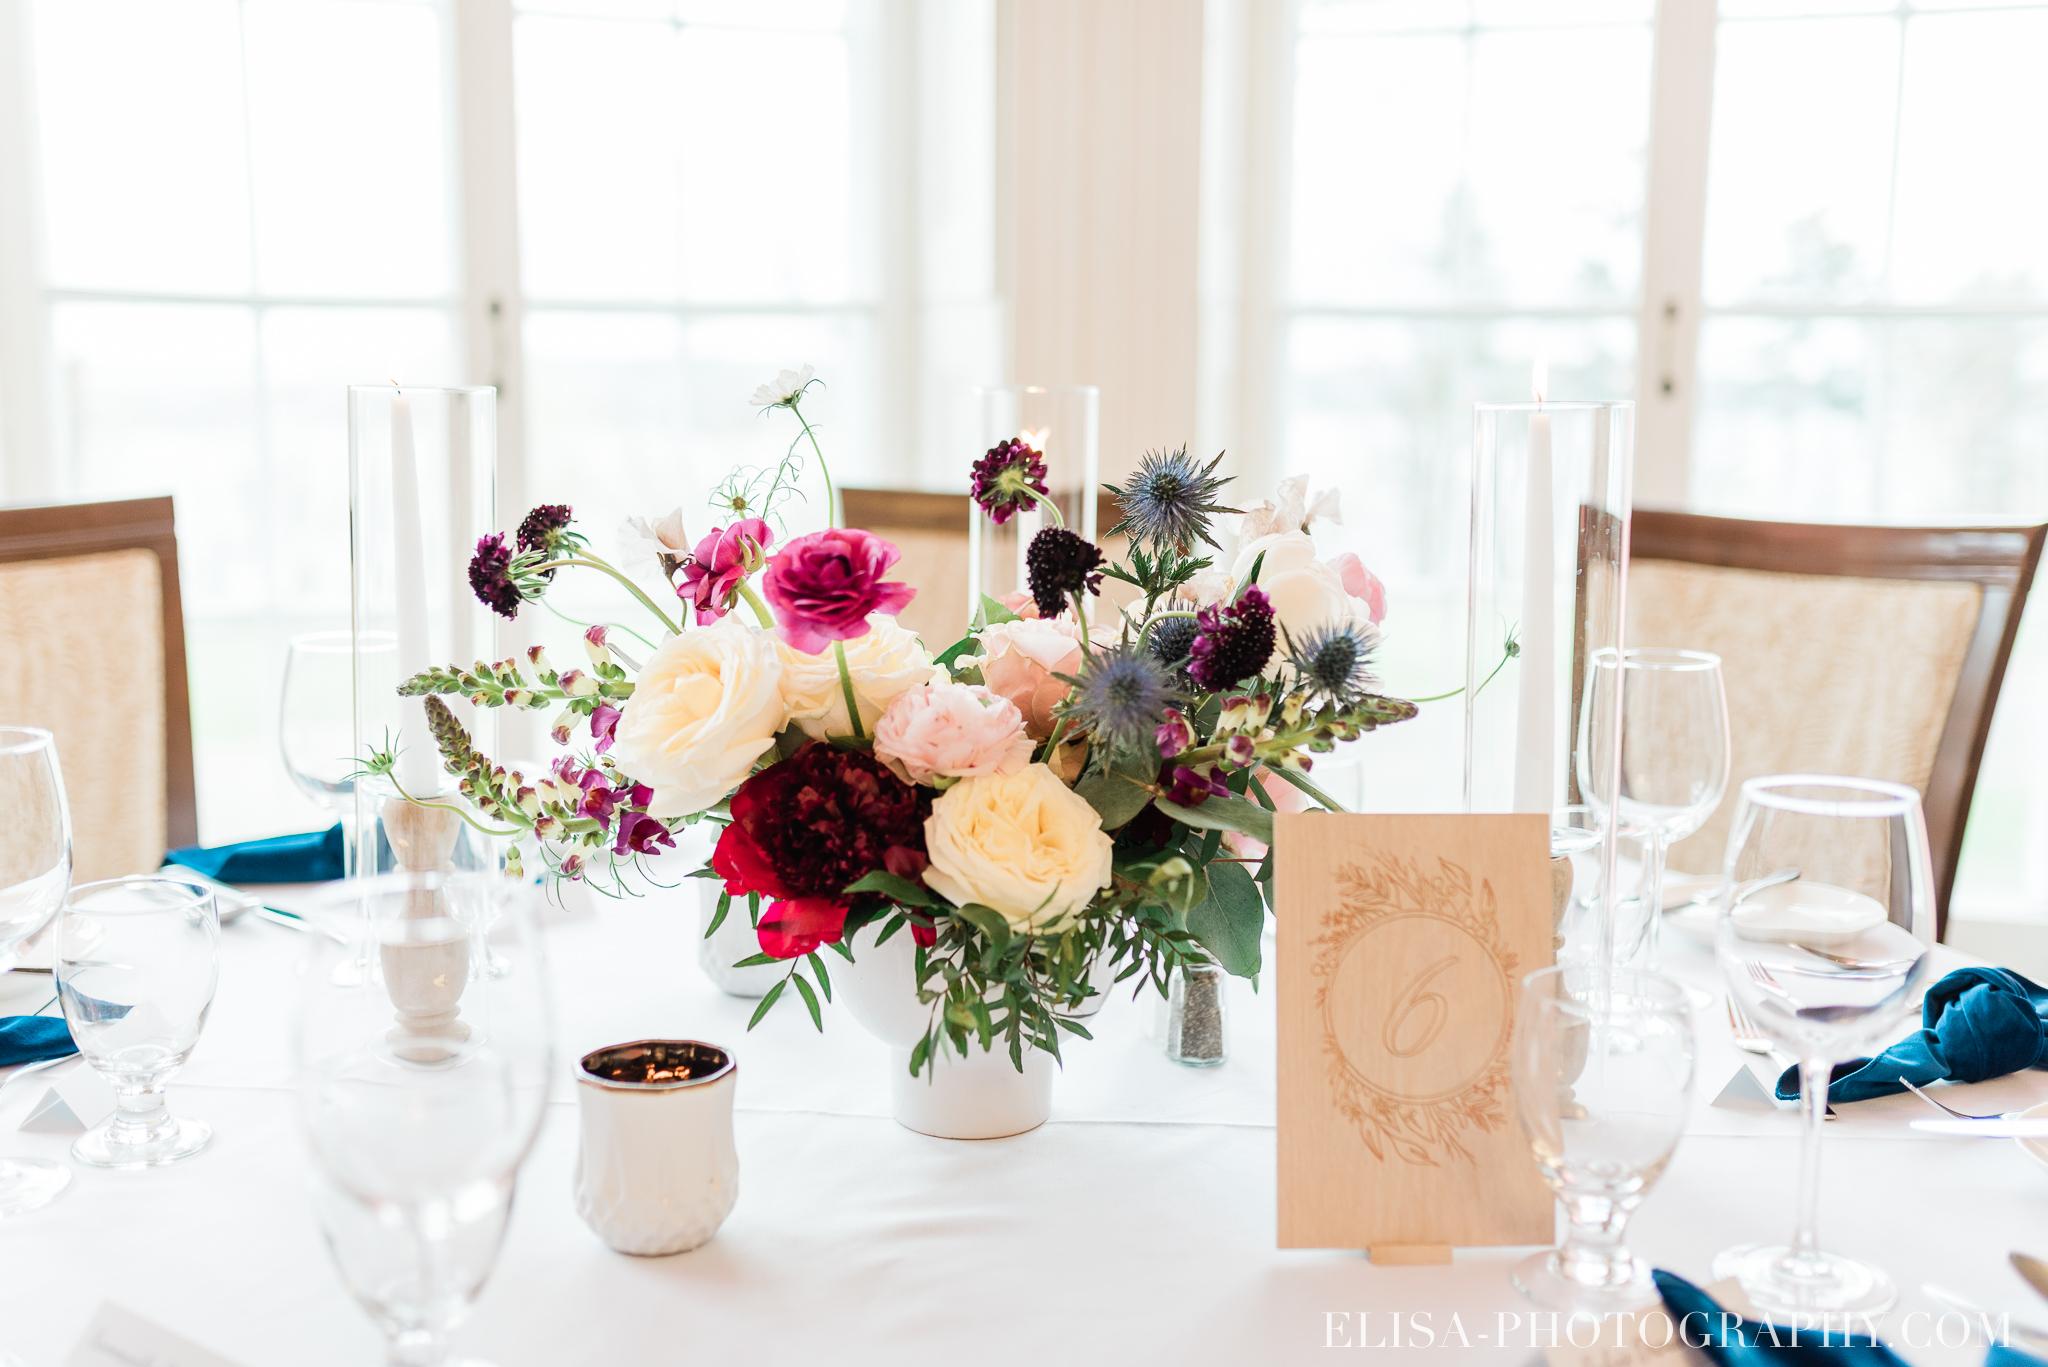 photo mariage reception domaine cataraqui elisa photographe centre de table 0886 - Mariage élégant et discret au coeur du magnifique Domaine Cataraqui, Québec